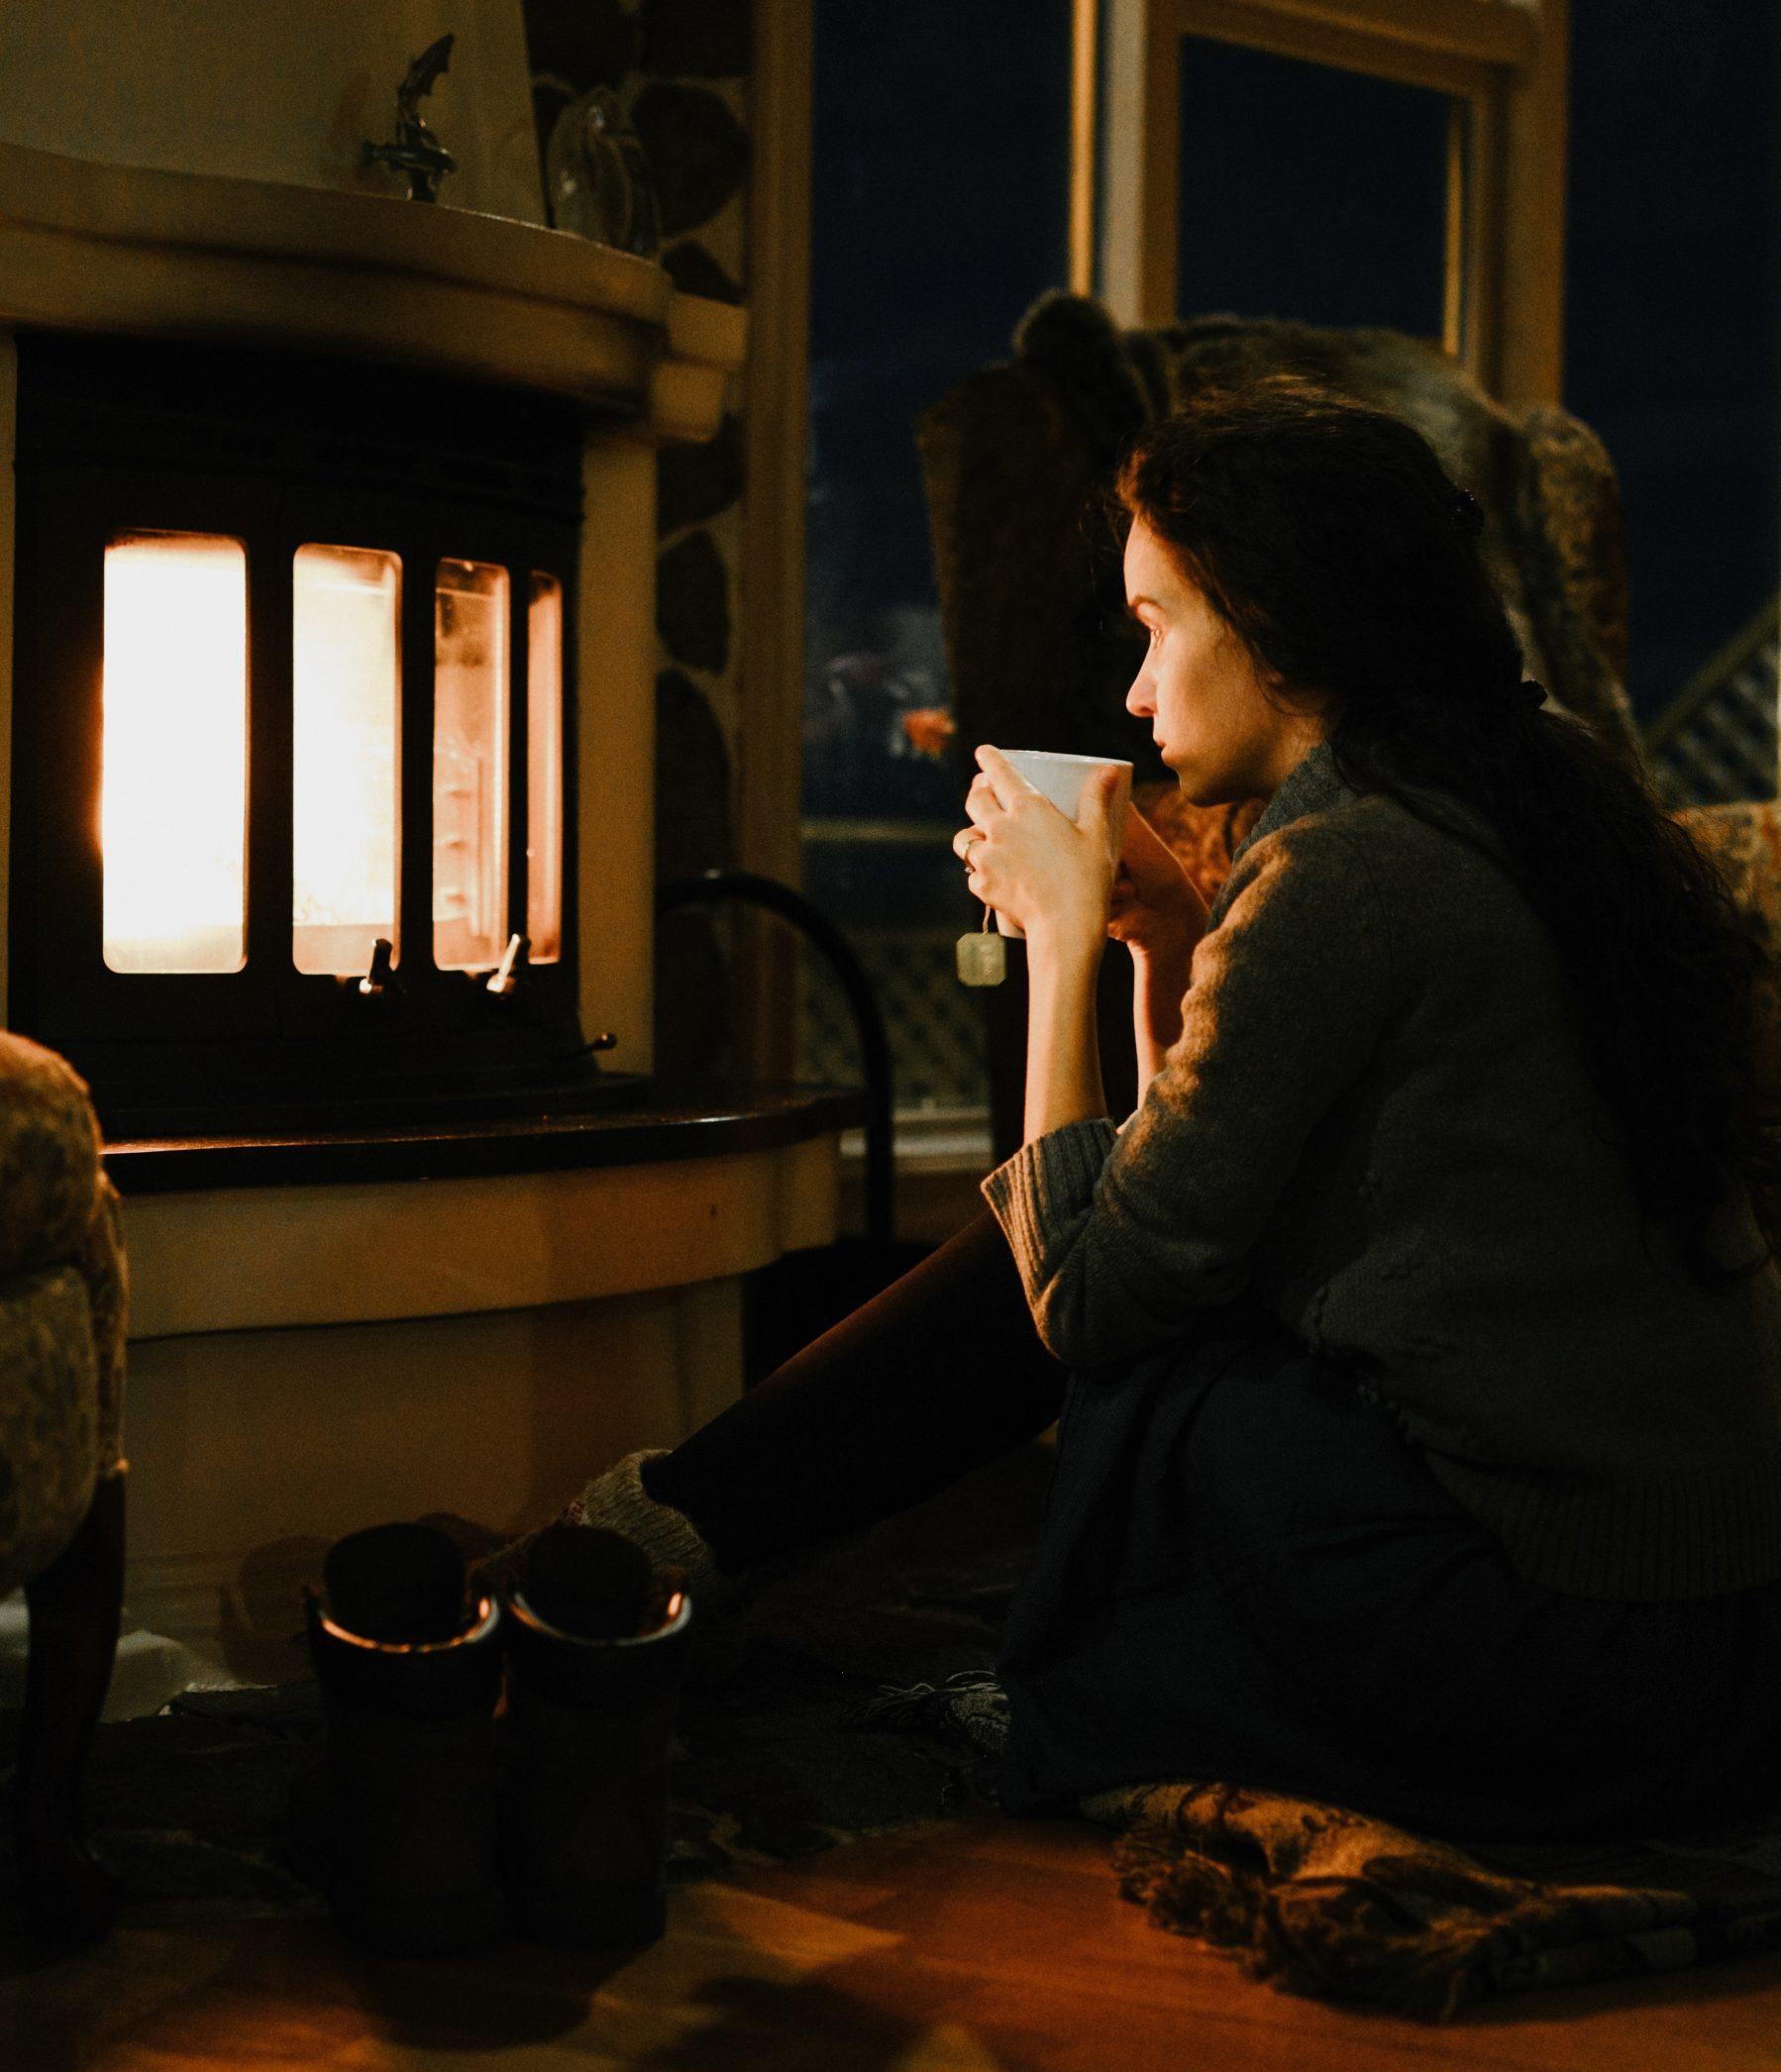 Jente med kopp foran peisen